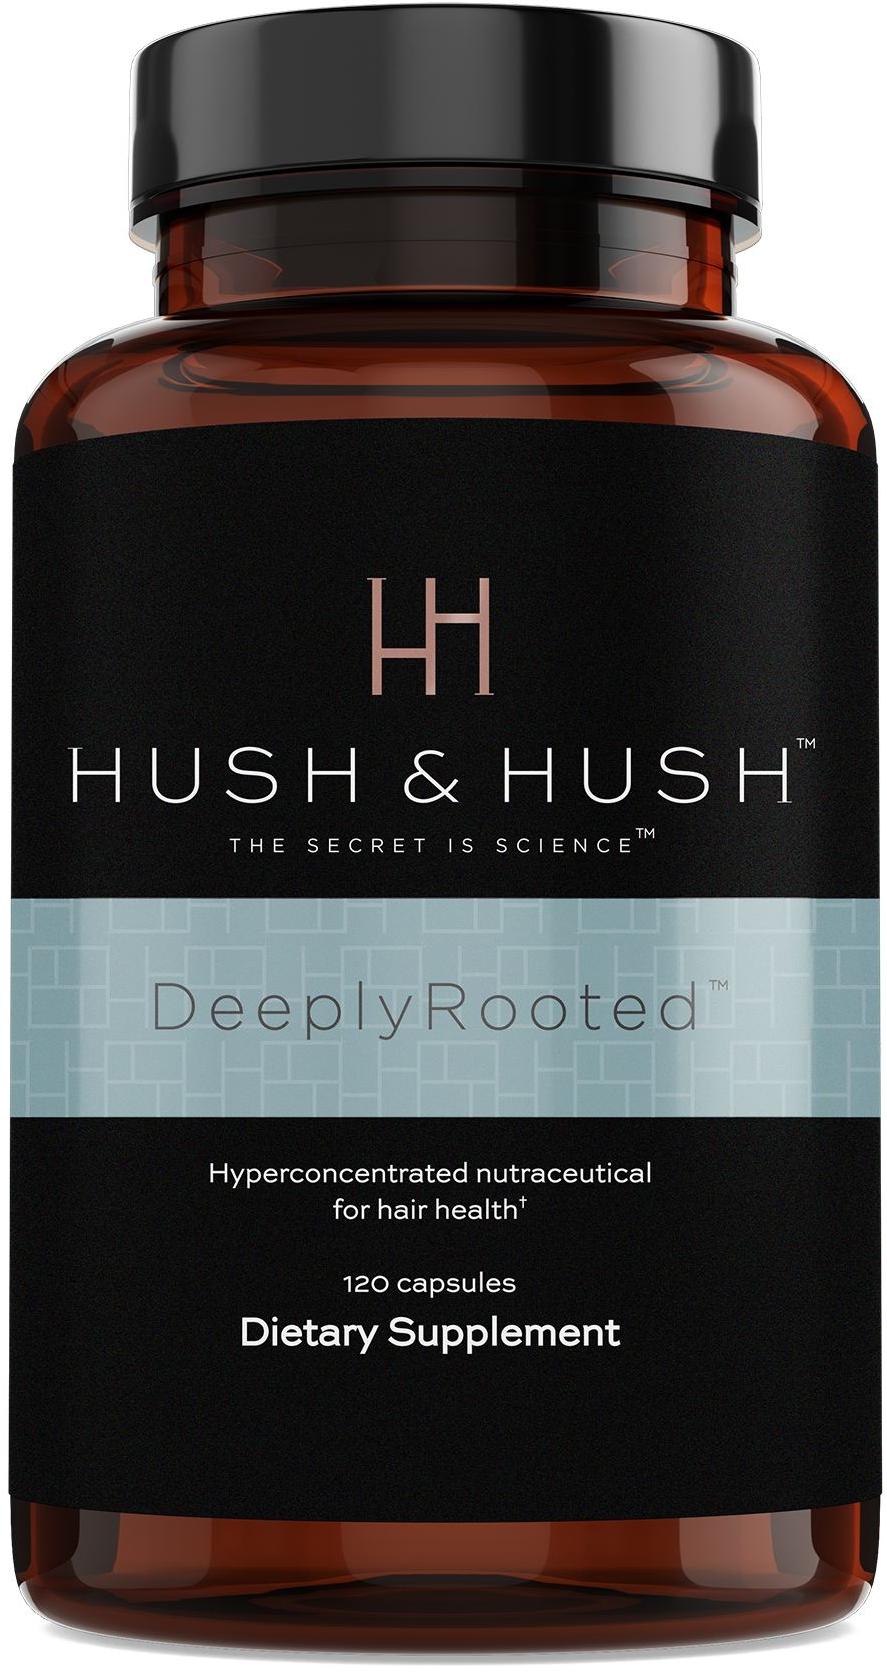 Viên uống chống rụng tóc và phục hồi tóc Image Skincare Hush & Hush Deeply Rooted